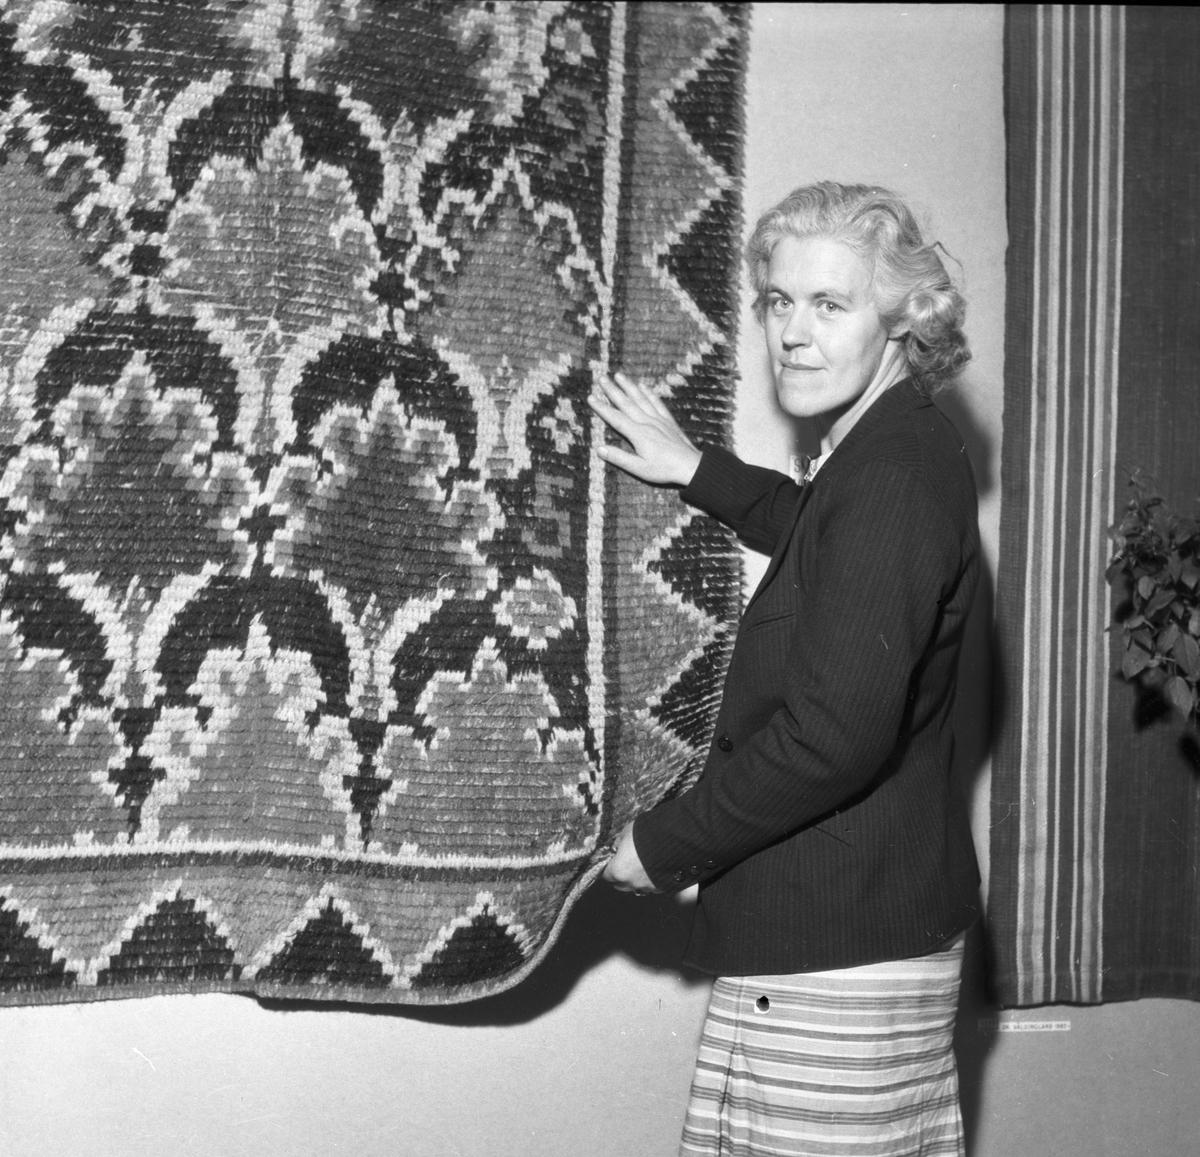 Märta Brodén, Hemslöjden. Gävleutställningen 1946 vid Travbanan och Folkparken med anledning av Gävle stads 500-årsjubileum.